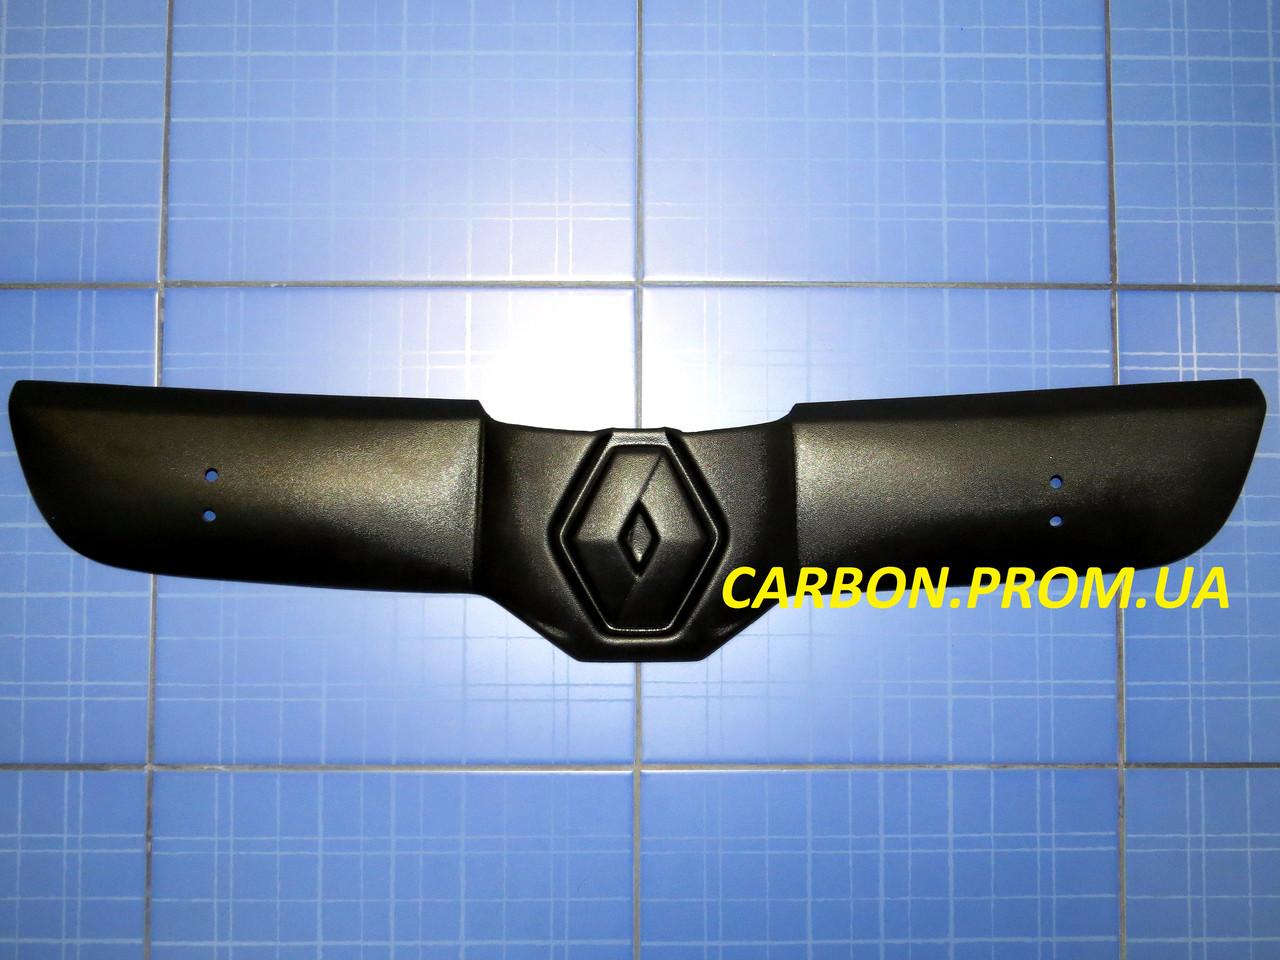 Зимняя заглушка решётки радиатора Рено Трафик верх 2001-2006 матовая Fly. Утеплитель решётки Renault Trafic